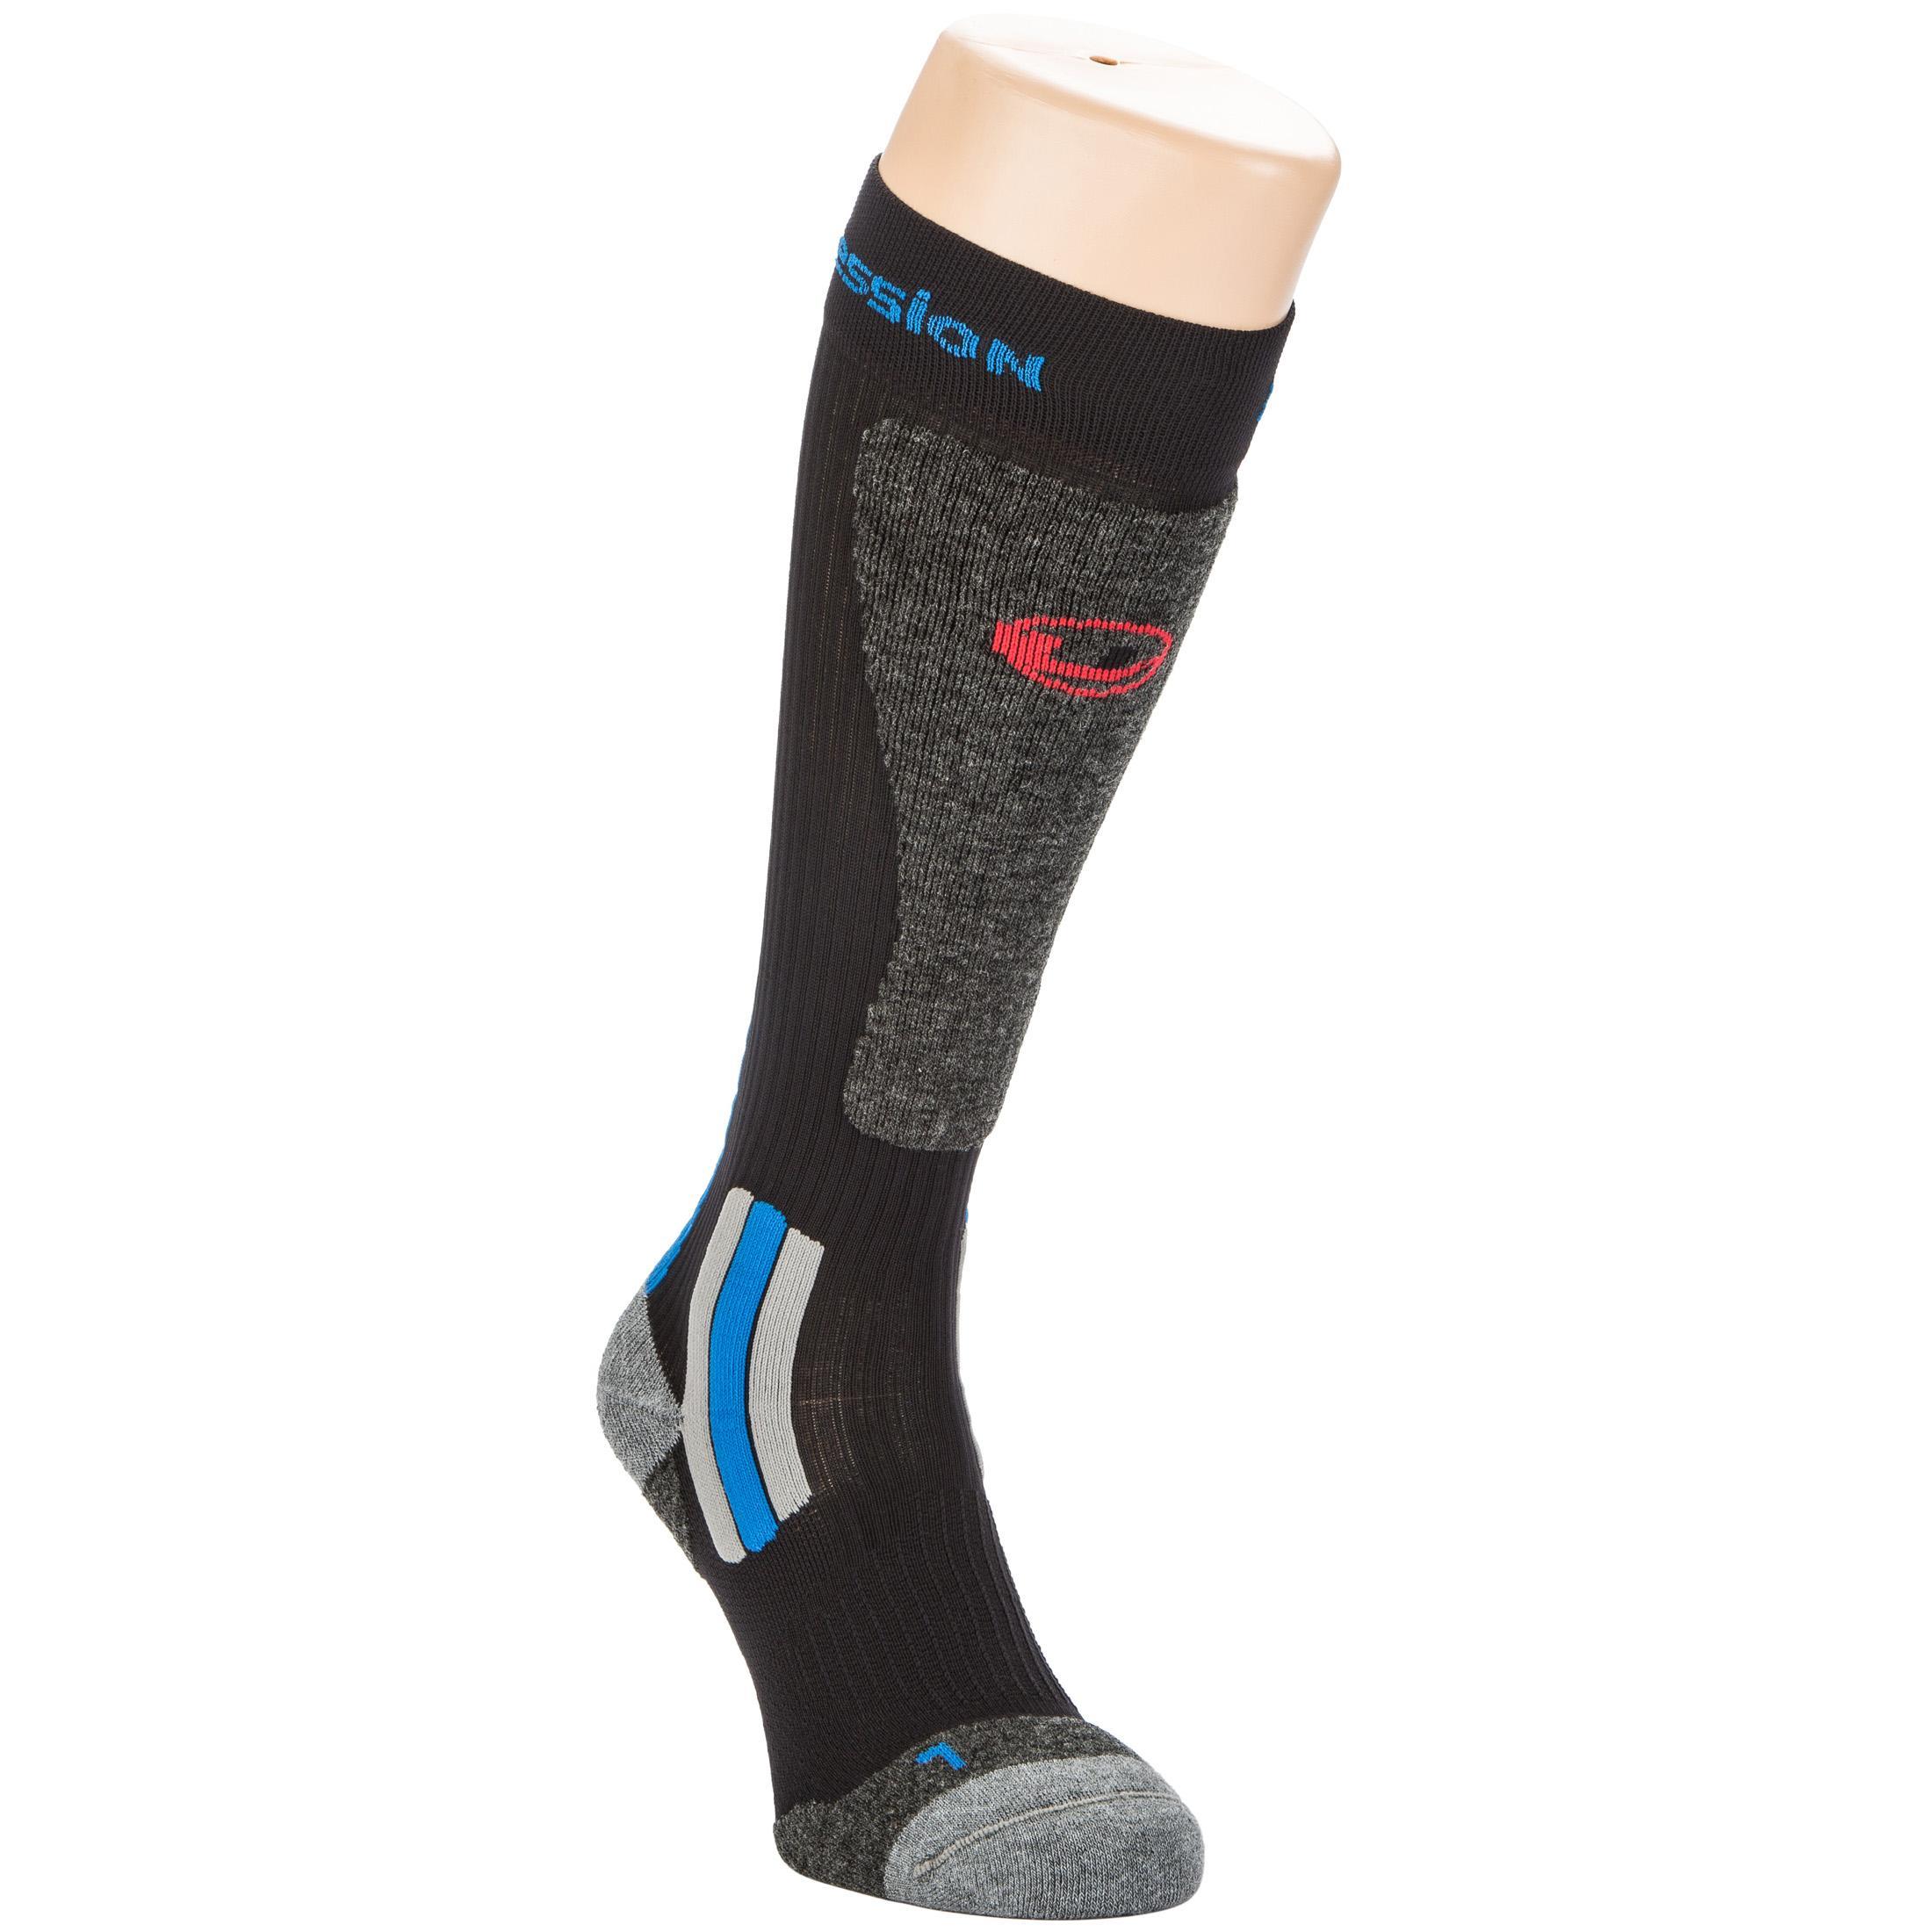 Ultrasport Calcetines de compresión de esquí con Meryl y Thermolite / lana